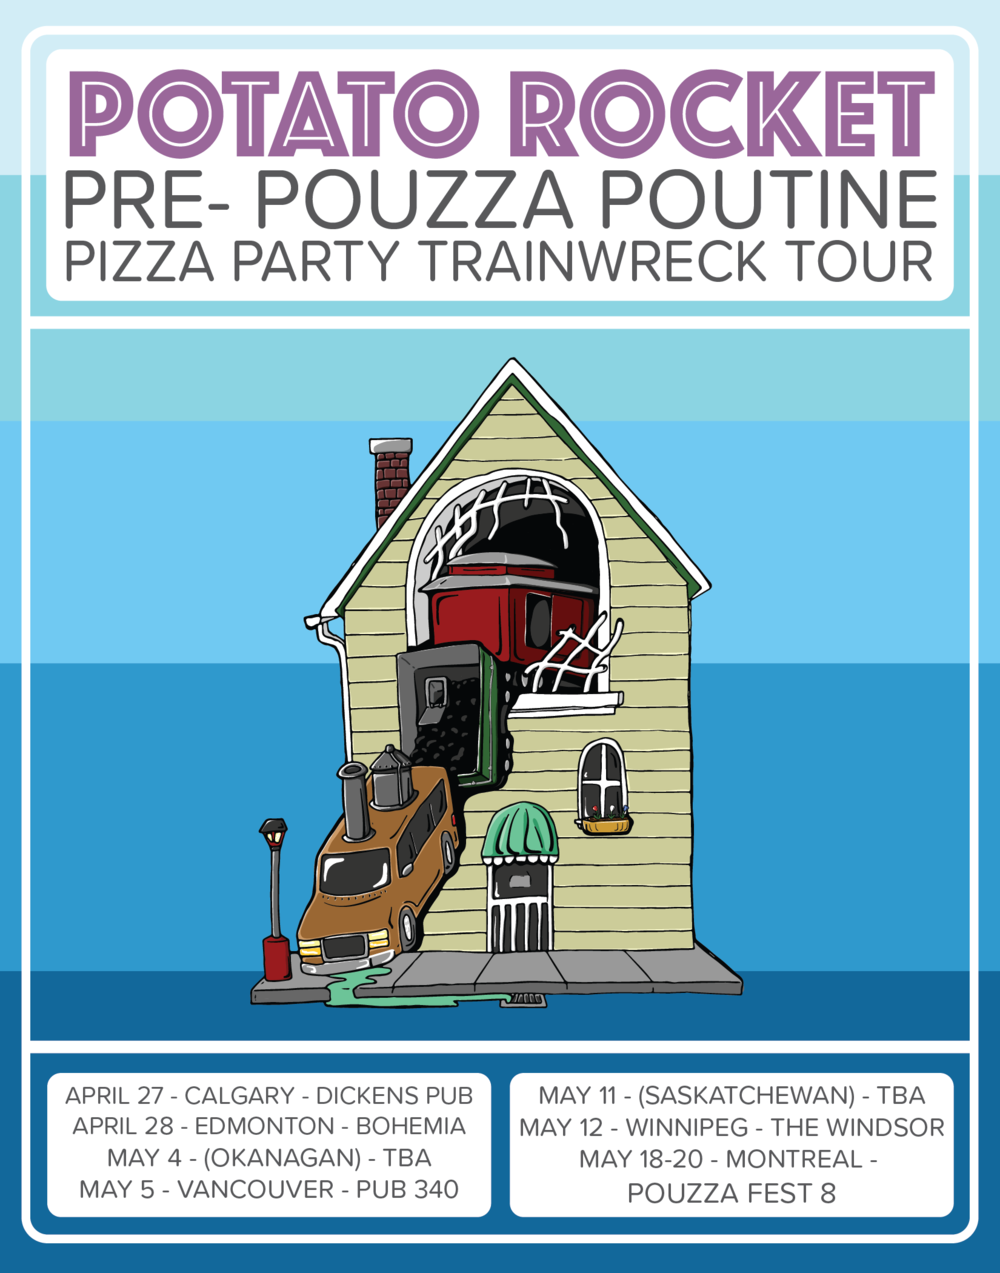 POTATO ROCKET TOUR POSTER-01.png